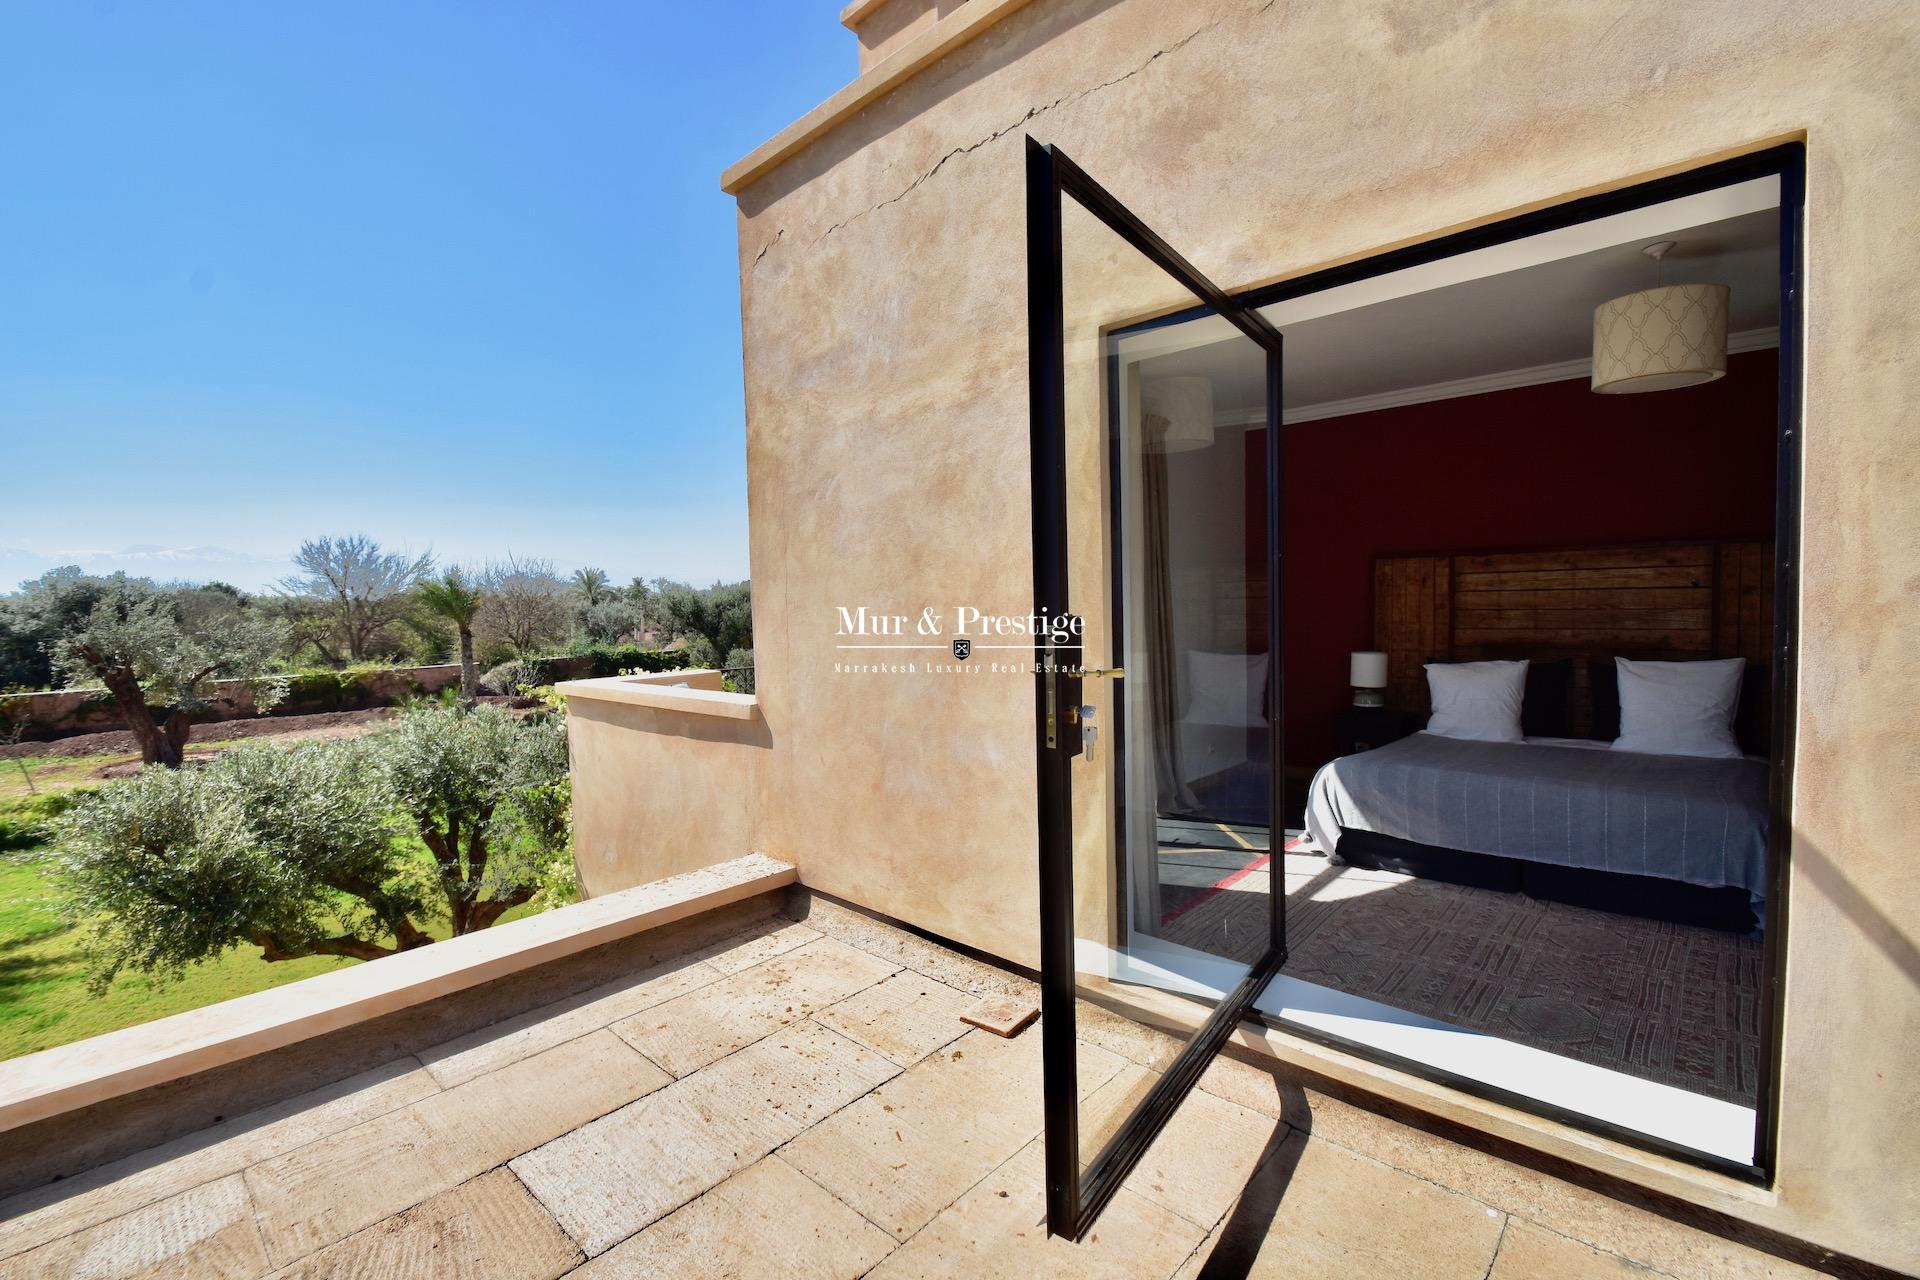 Maison de caract�re en vente � Marrakech